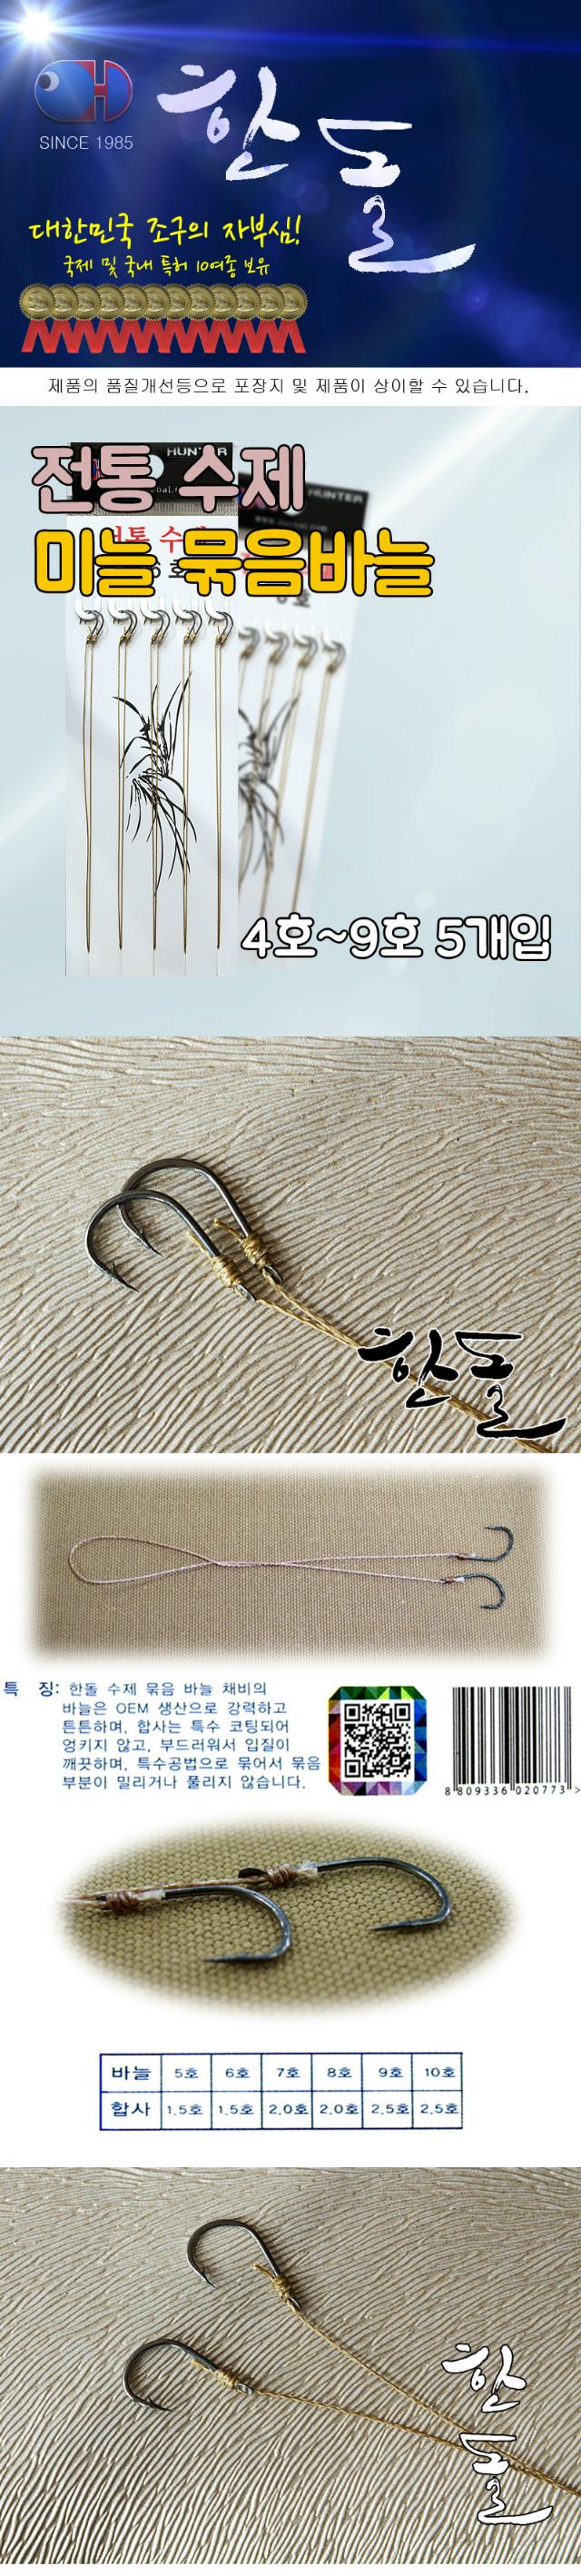 전통수제미늘.jpg